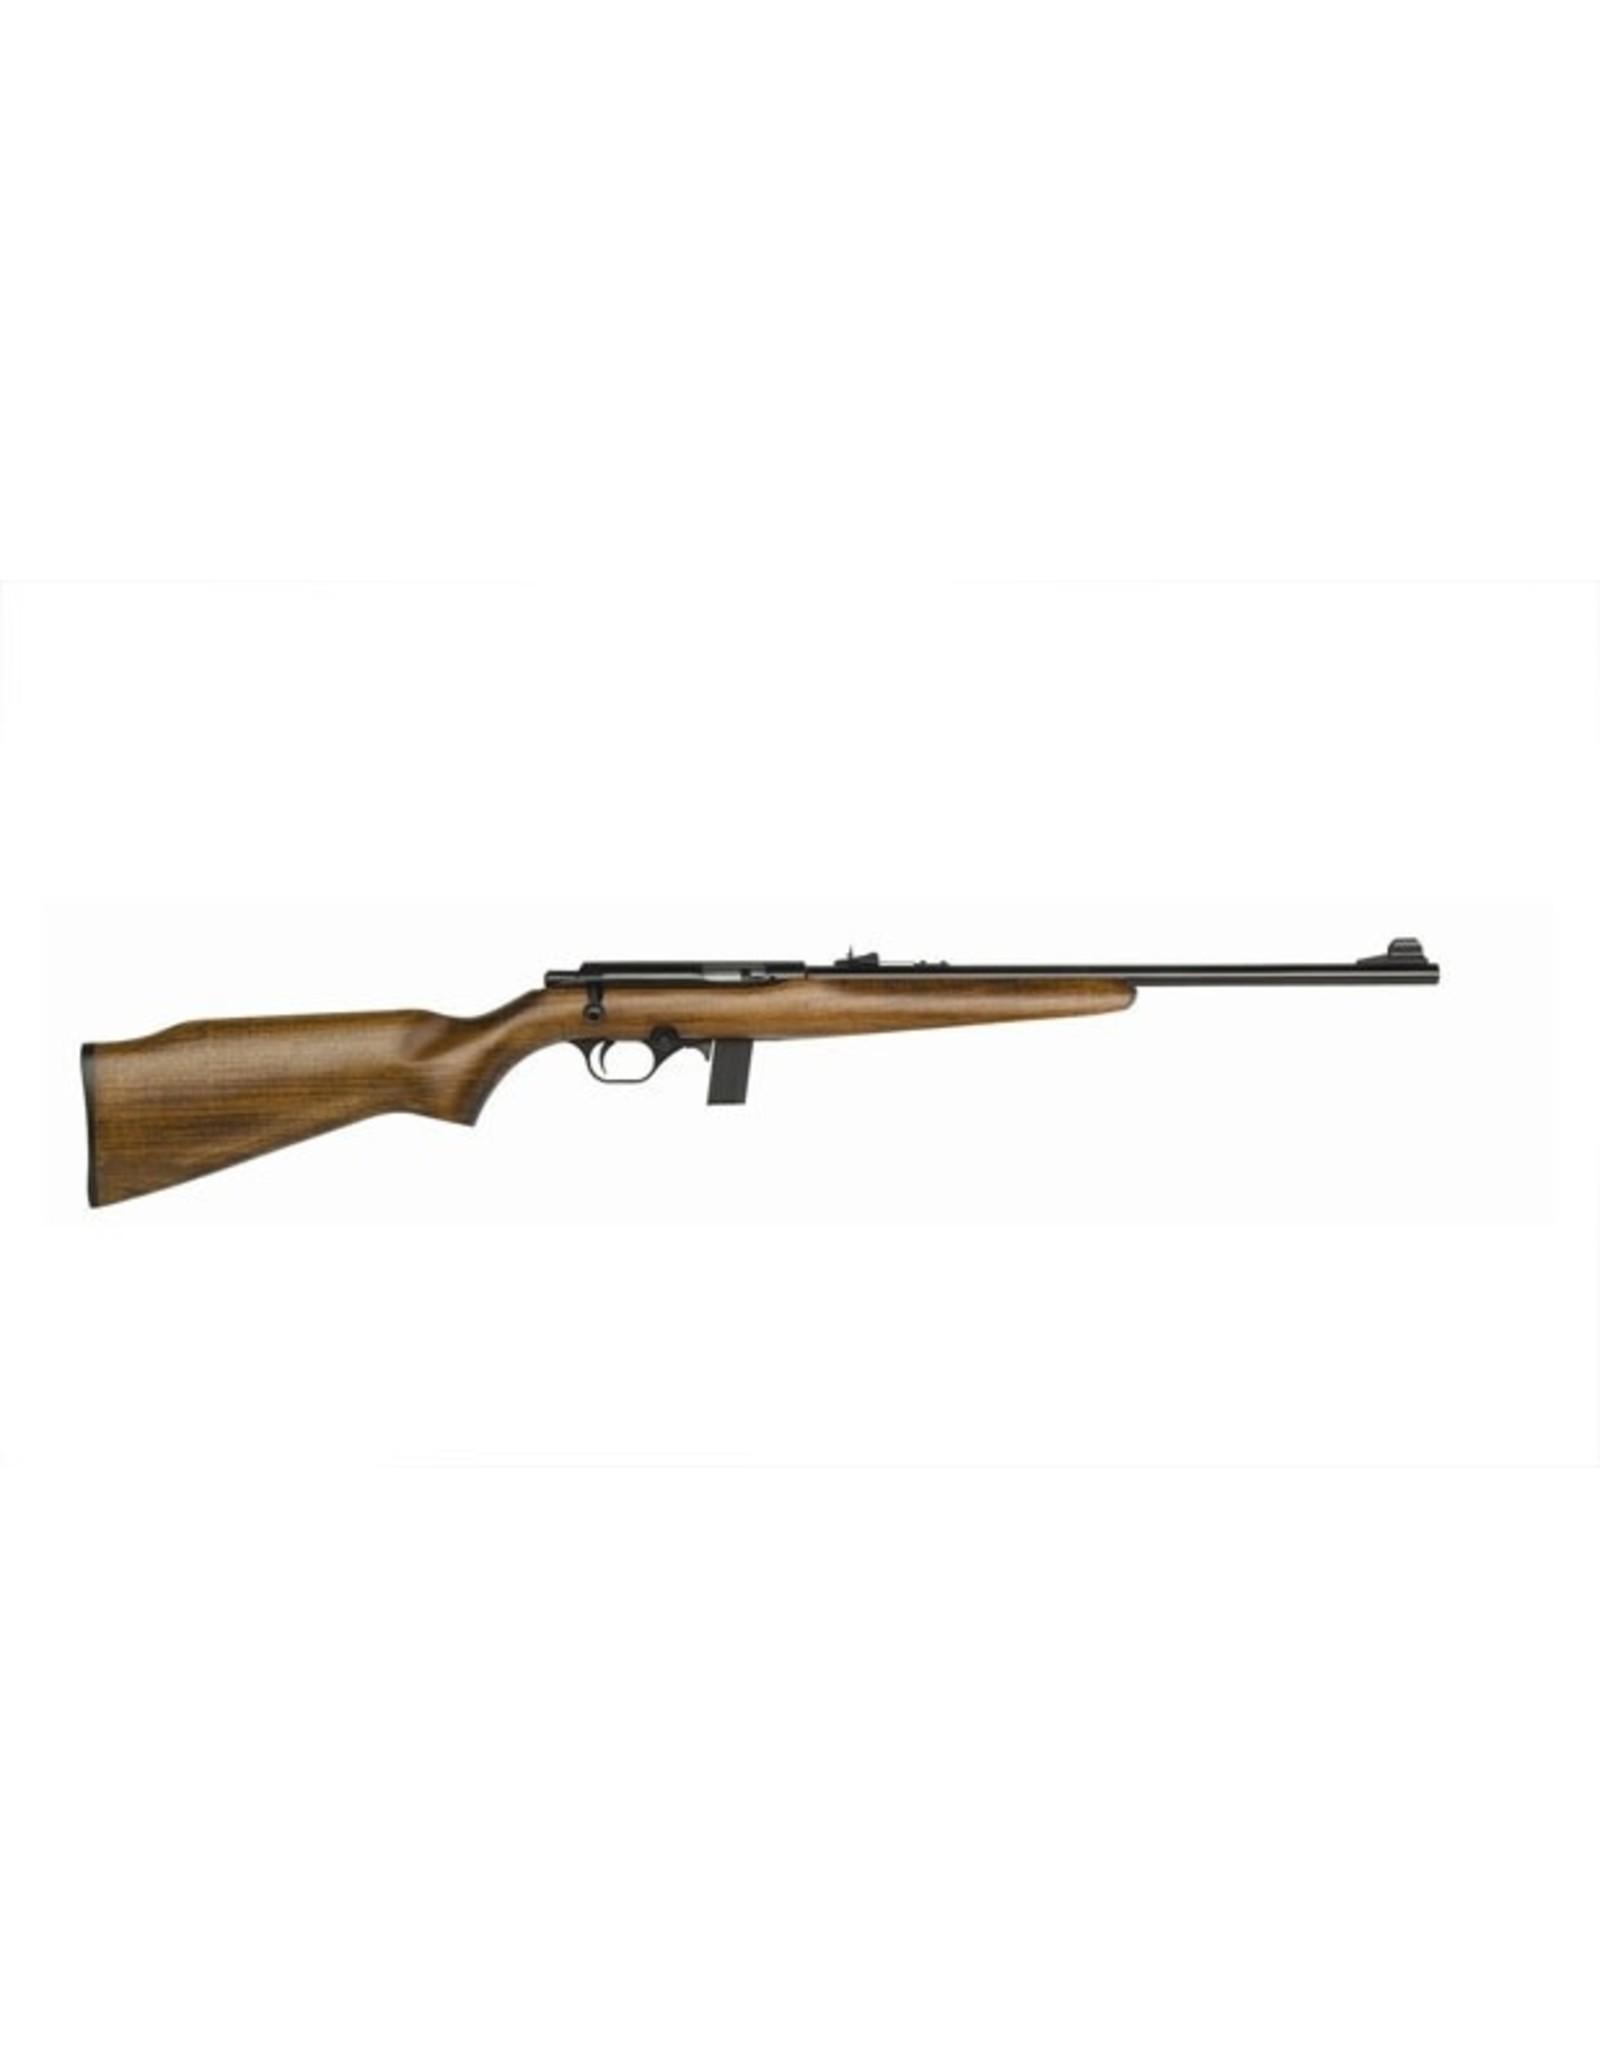 Mossberg Mossberg 38218 802 Plinkster Bolt Rifle 22 LR, RH, 18 in, Blued, Wood